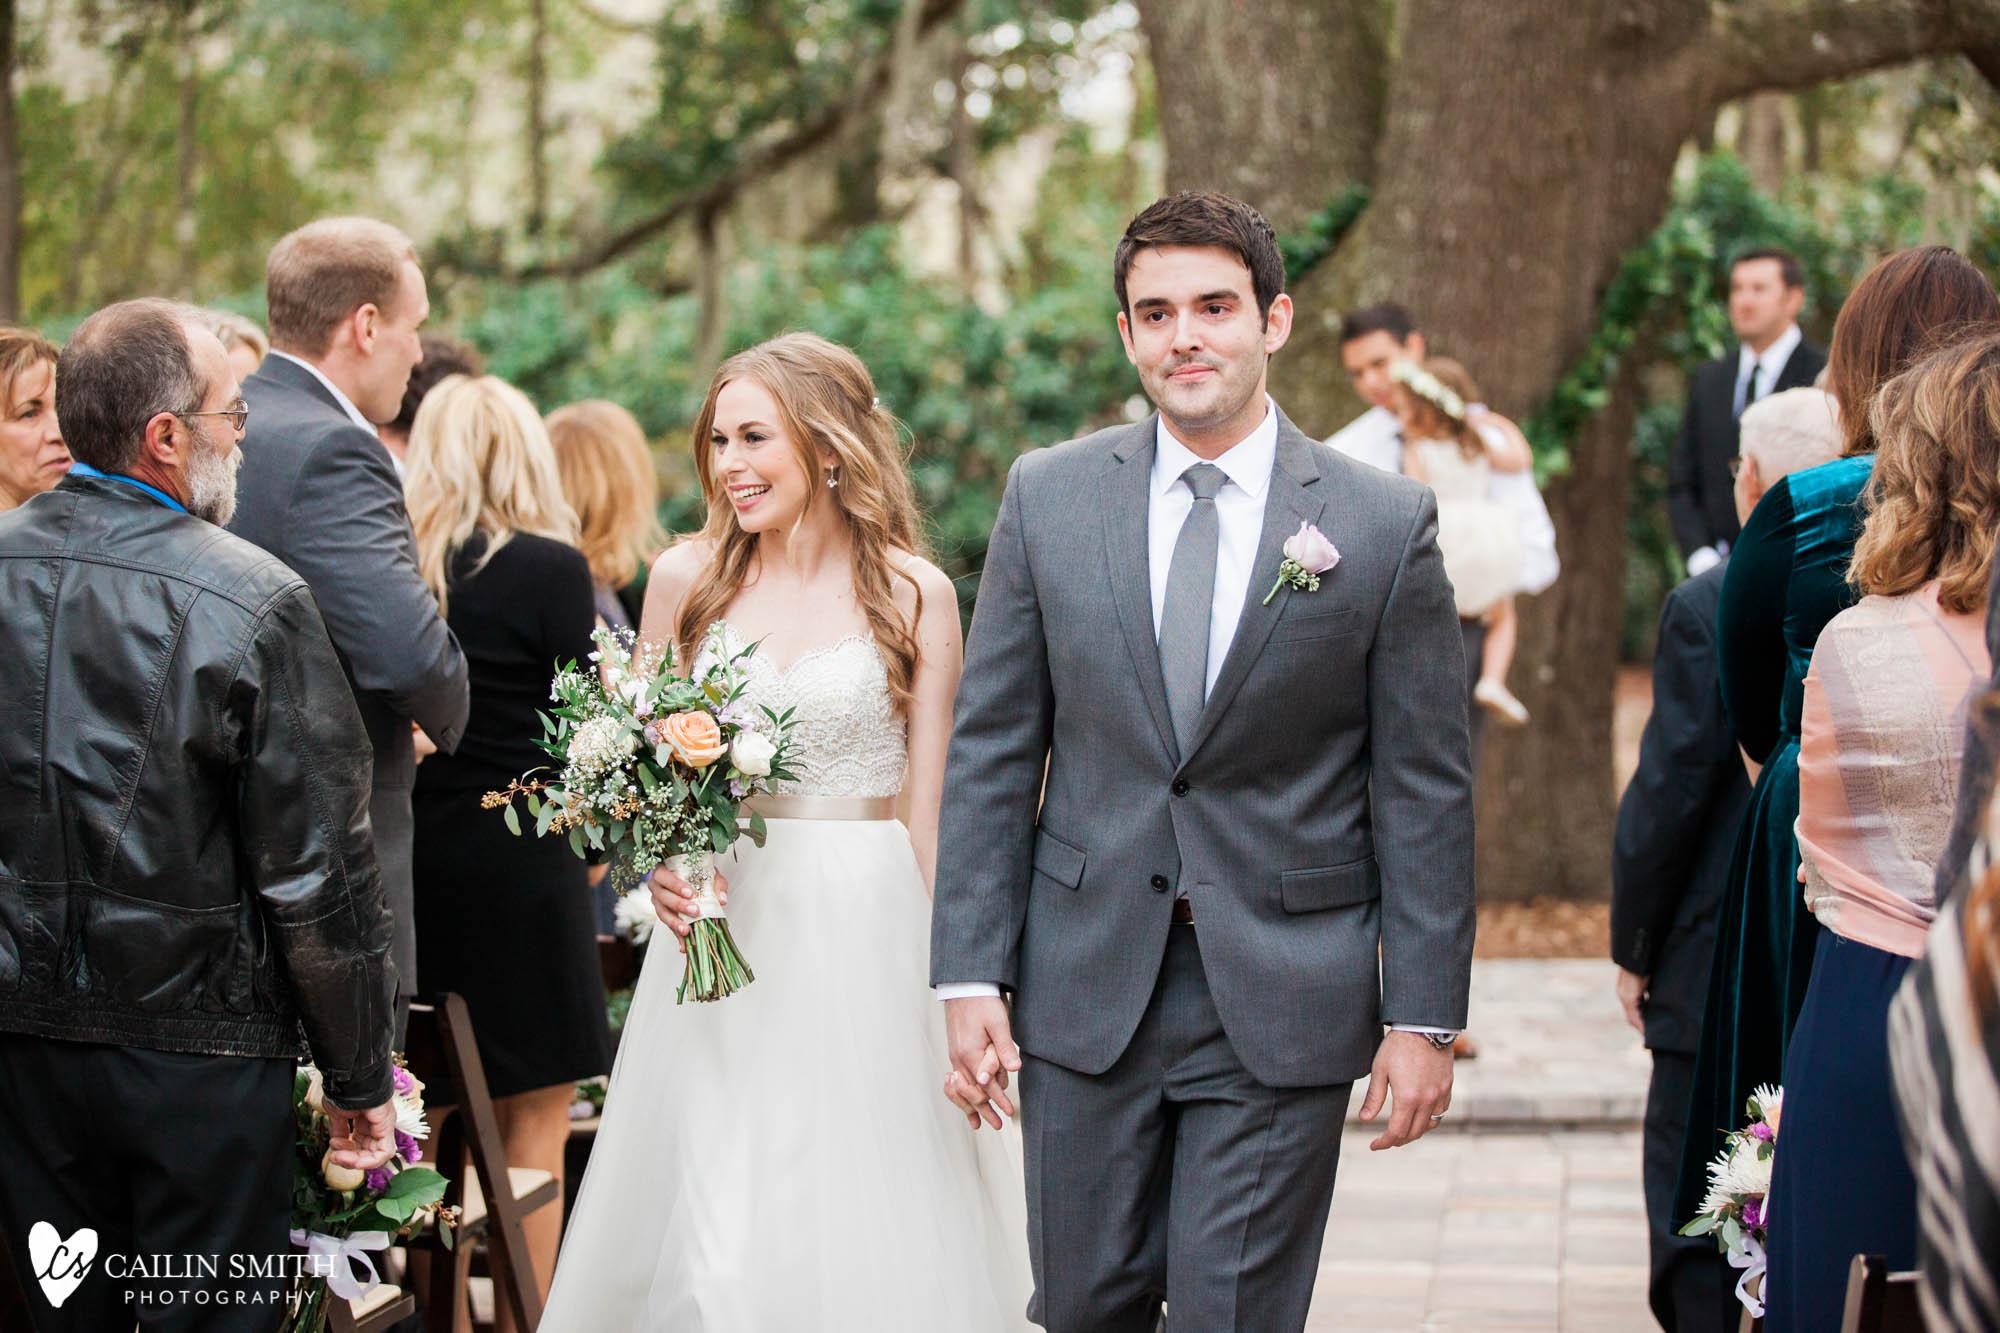 Sylvia_Anthony_Bowing_Oaks_Plantation_Wedding_Photography_0056.jpg